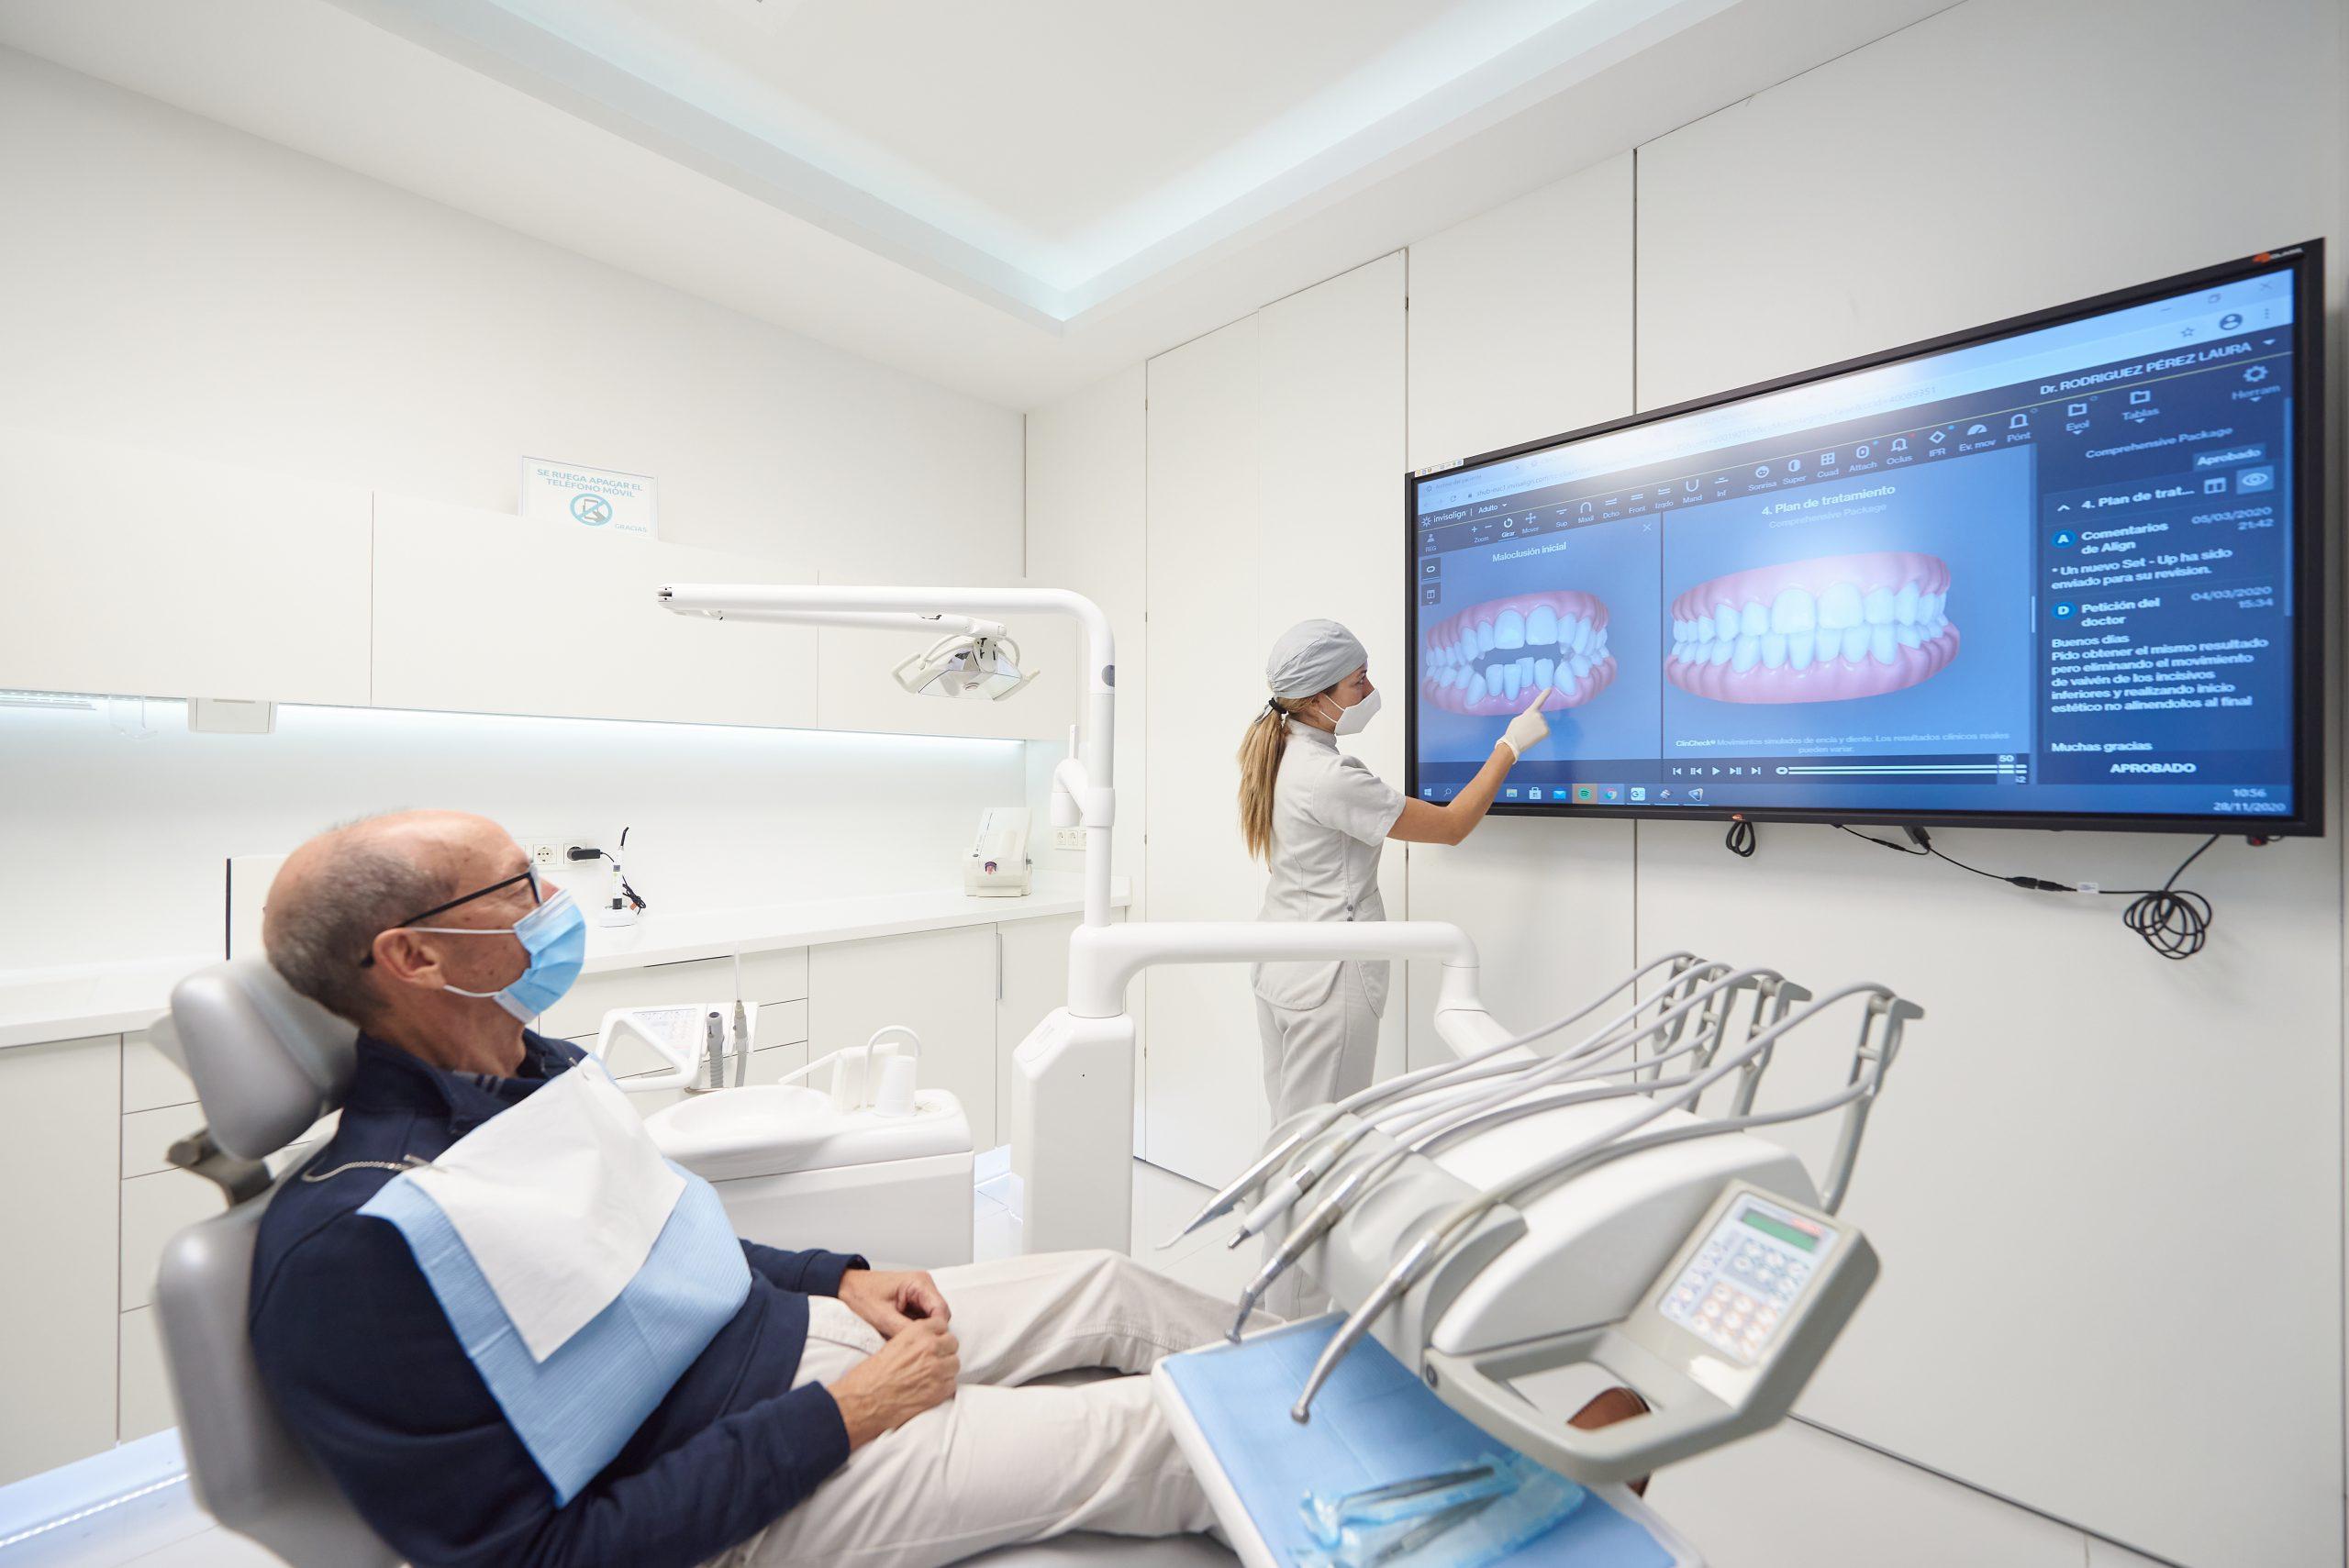 Tratamiento de ortodoncia invisible en Clínica Dental Adalia